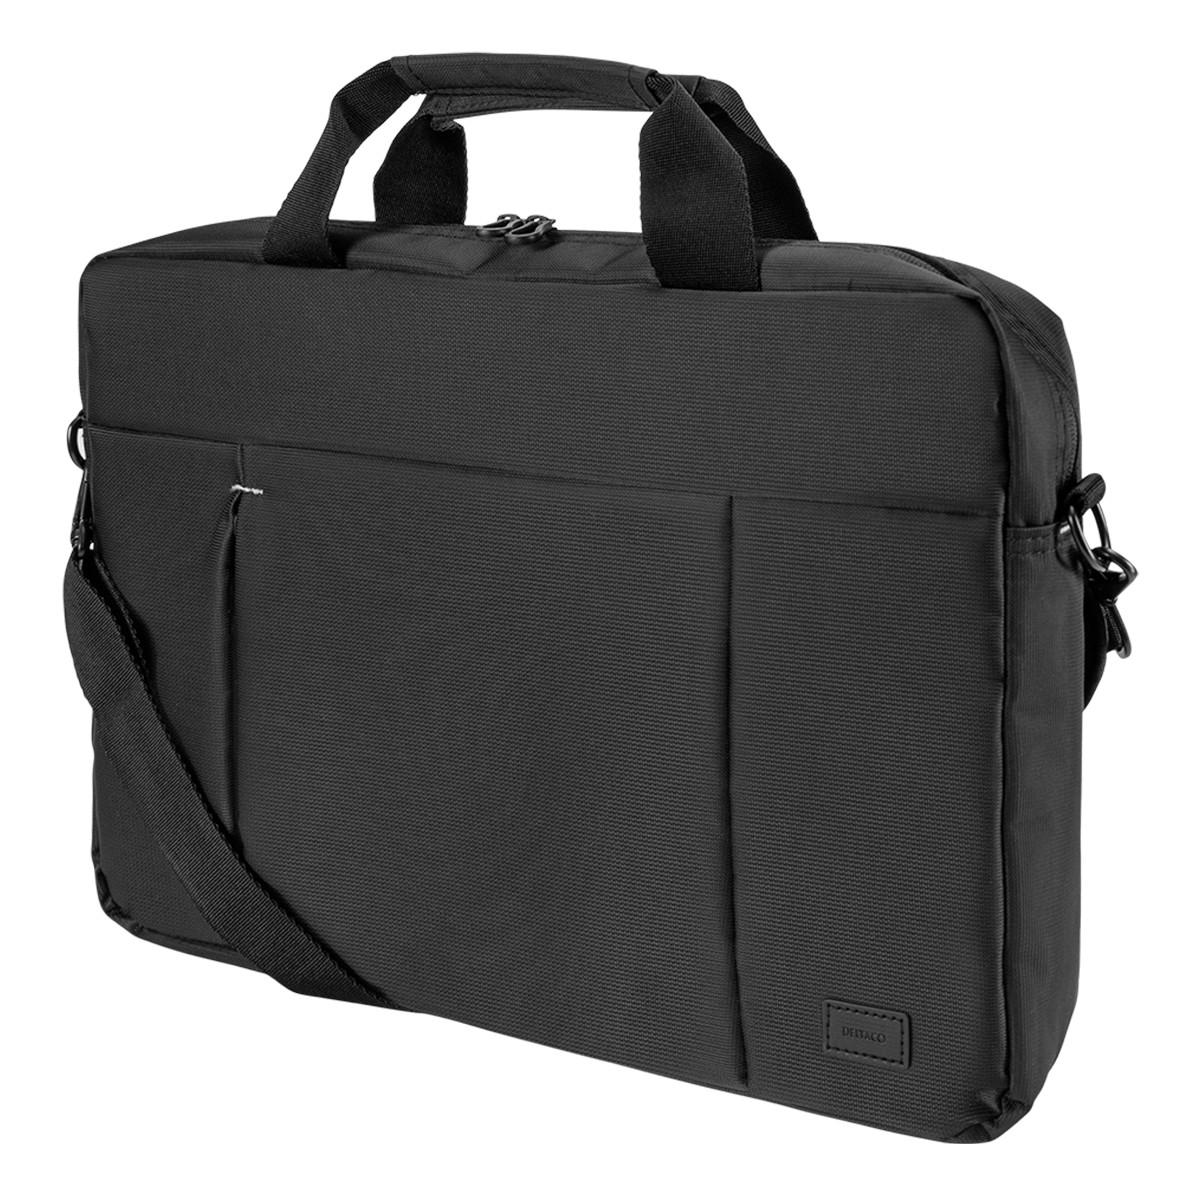 Deltaco Datorväska för laptops upp till 15.6 tum, svart